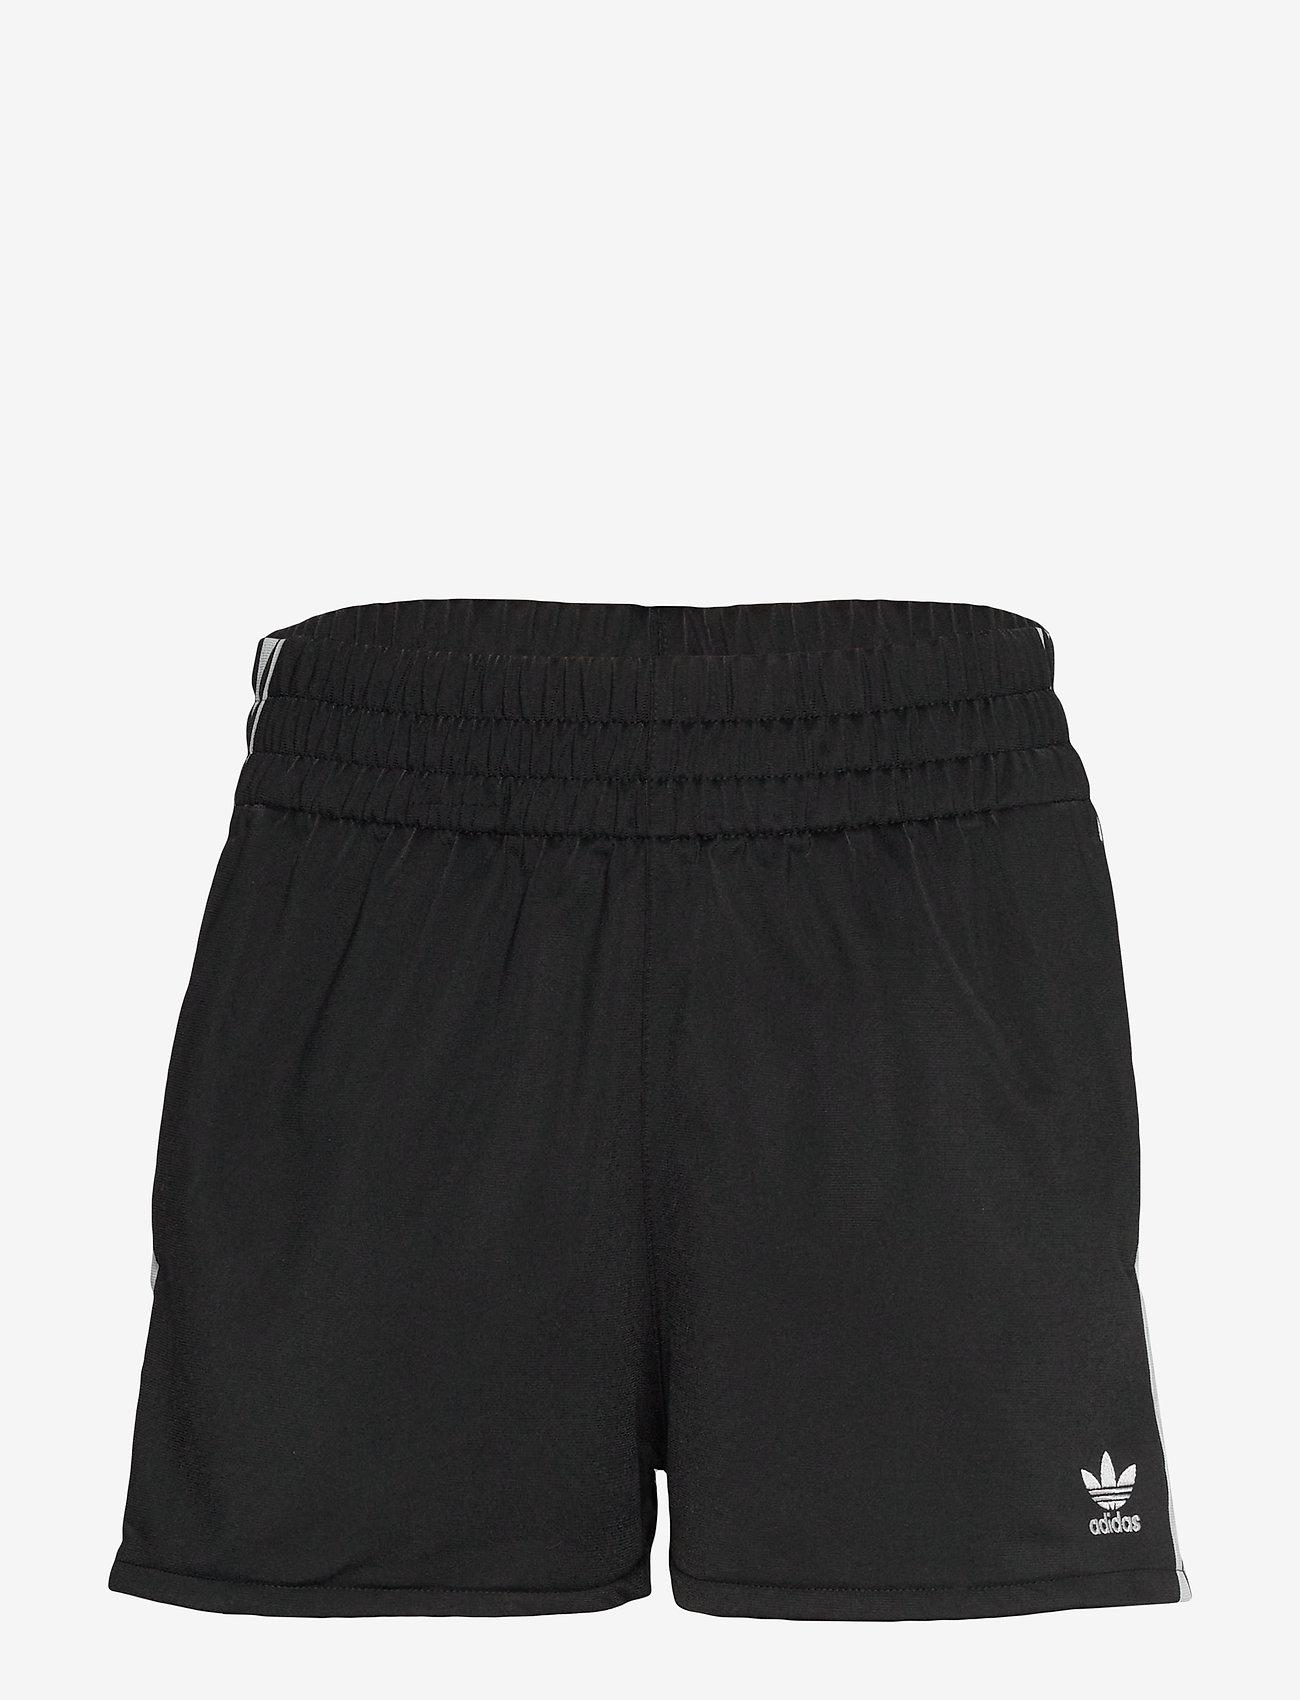 adidas Originals - 3 STR SHORT - træningsshorts - black/white - 1